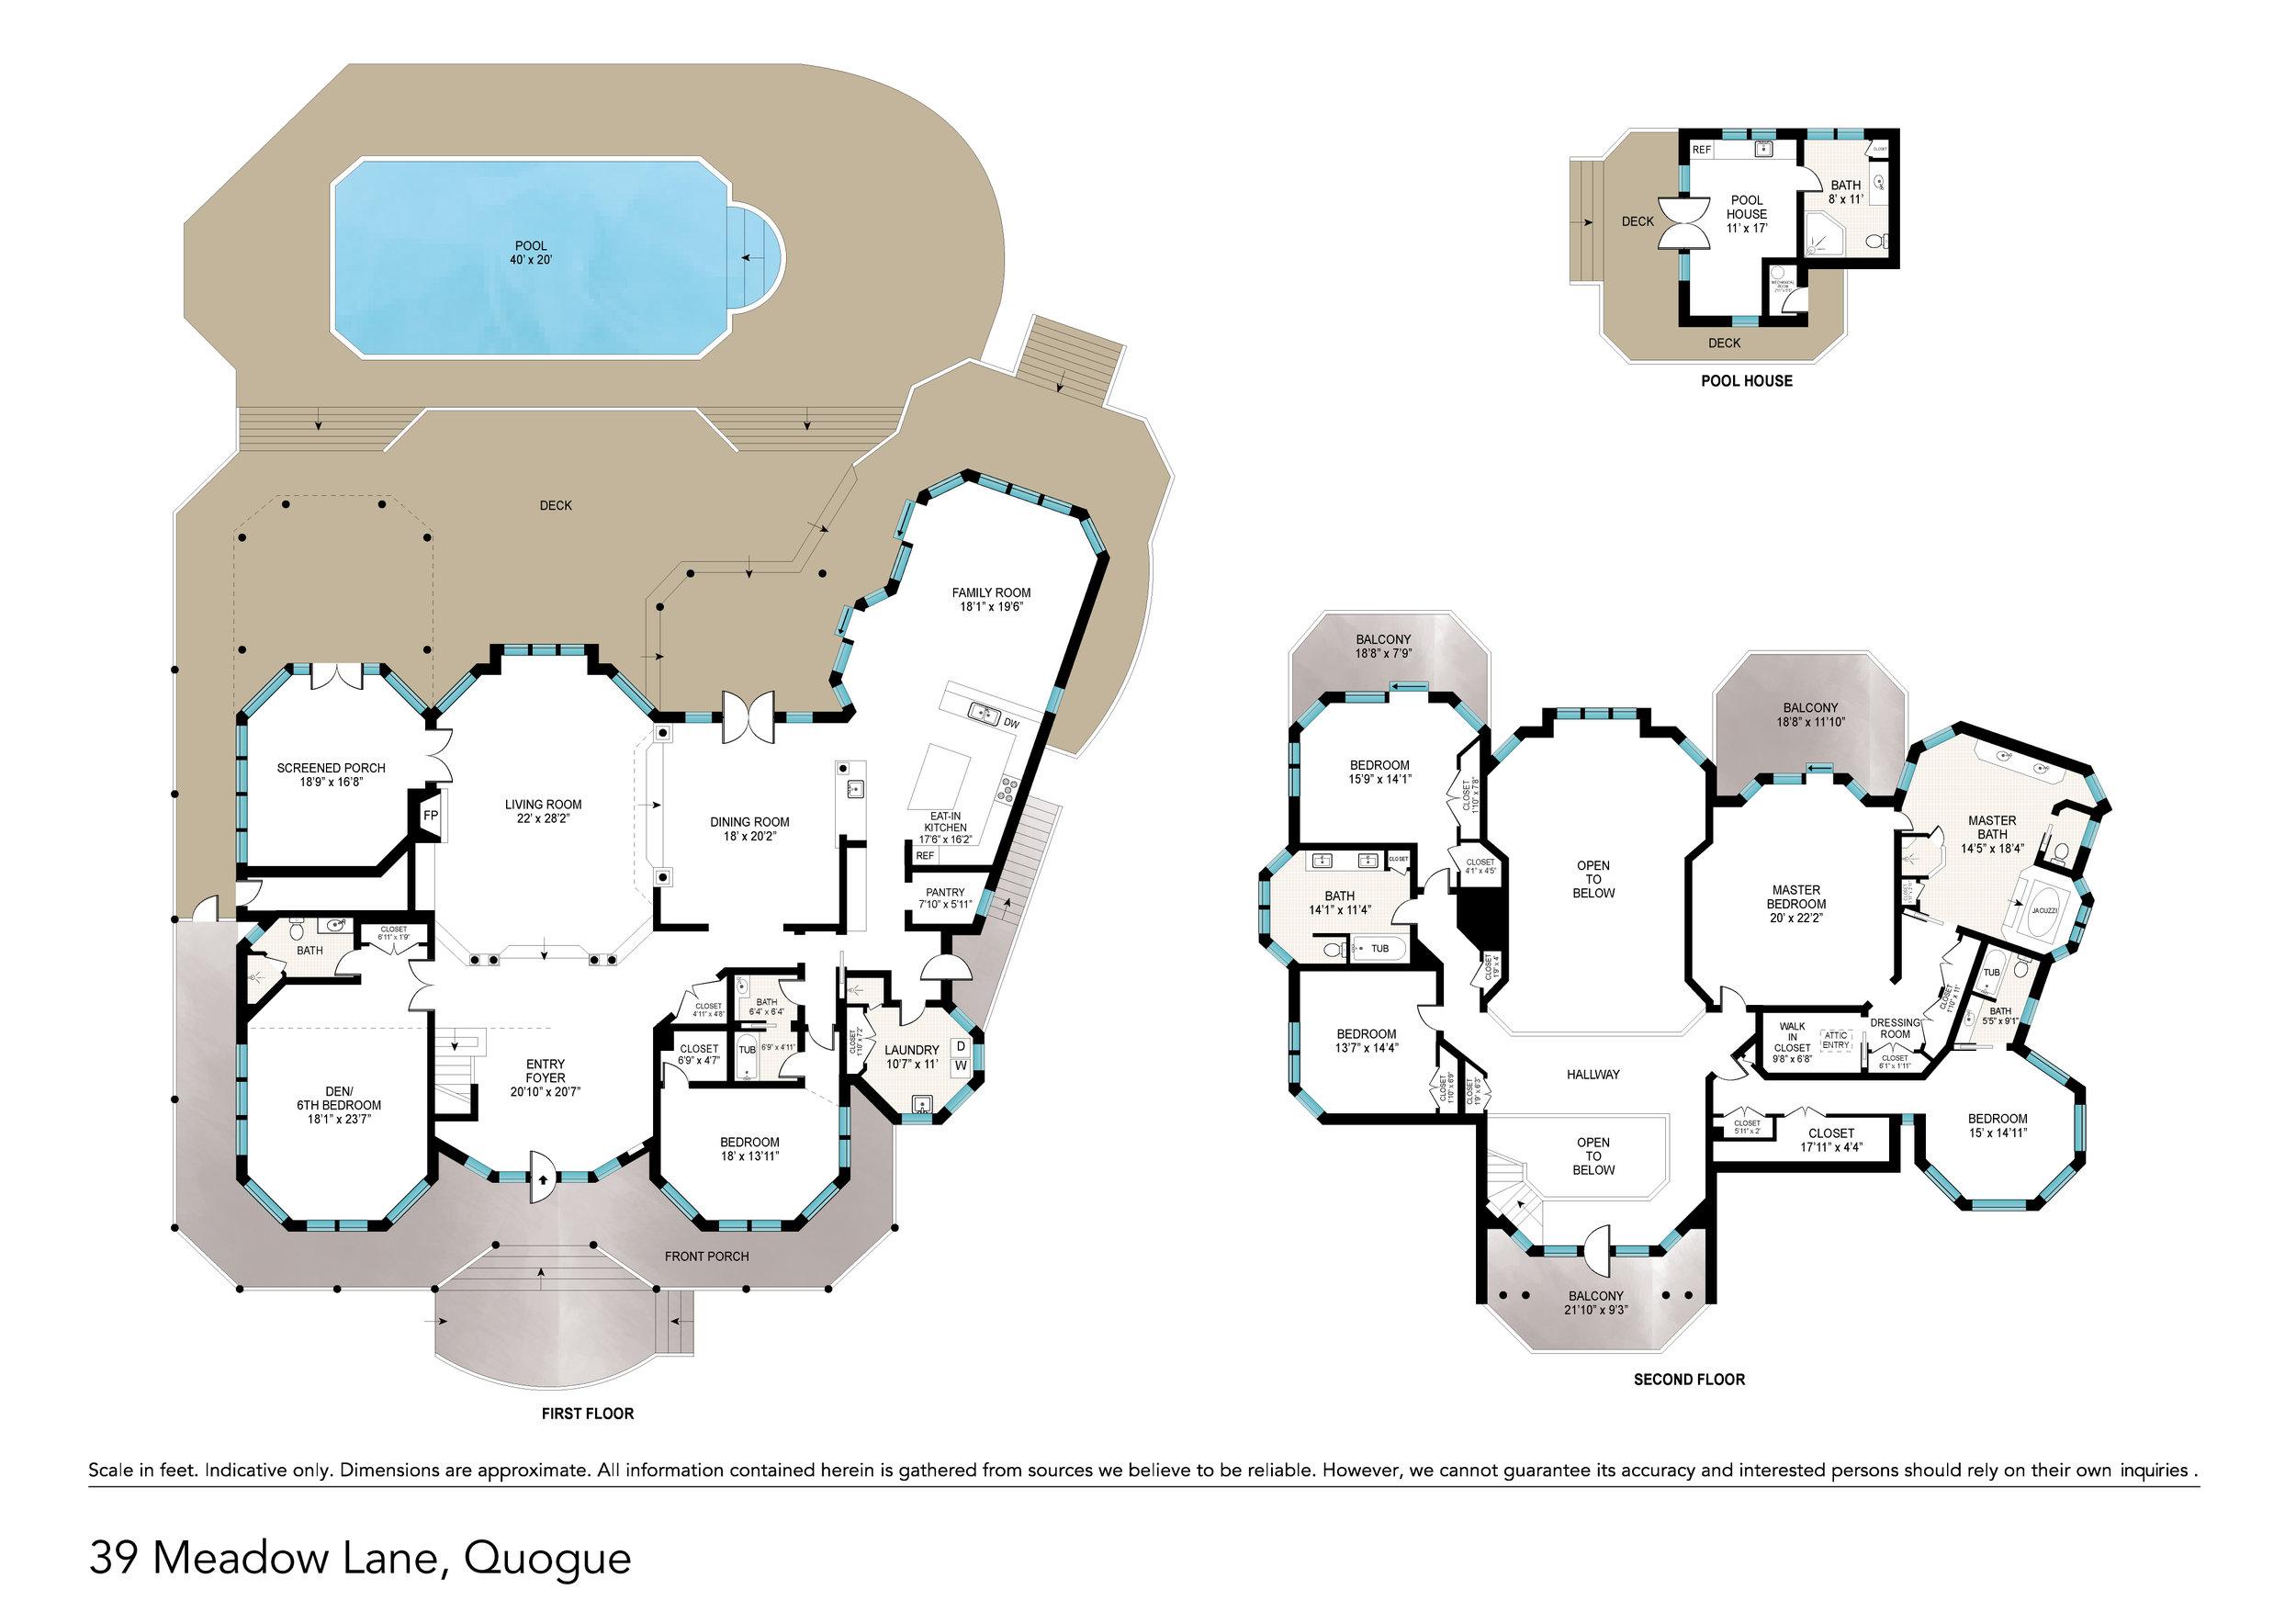 39_Meadow_Lane_Quogue Floor Plan.jpg